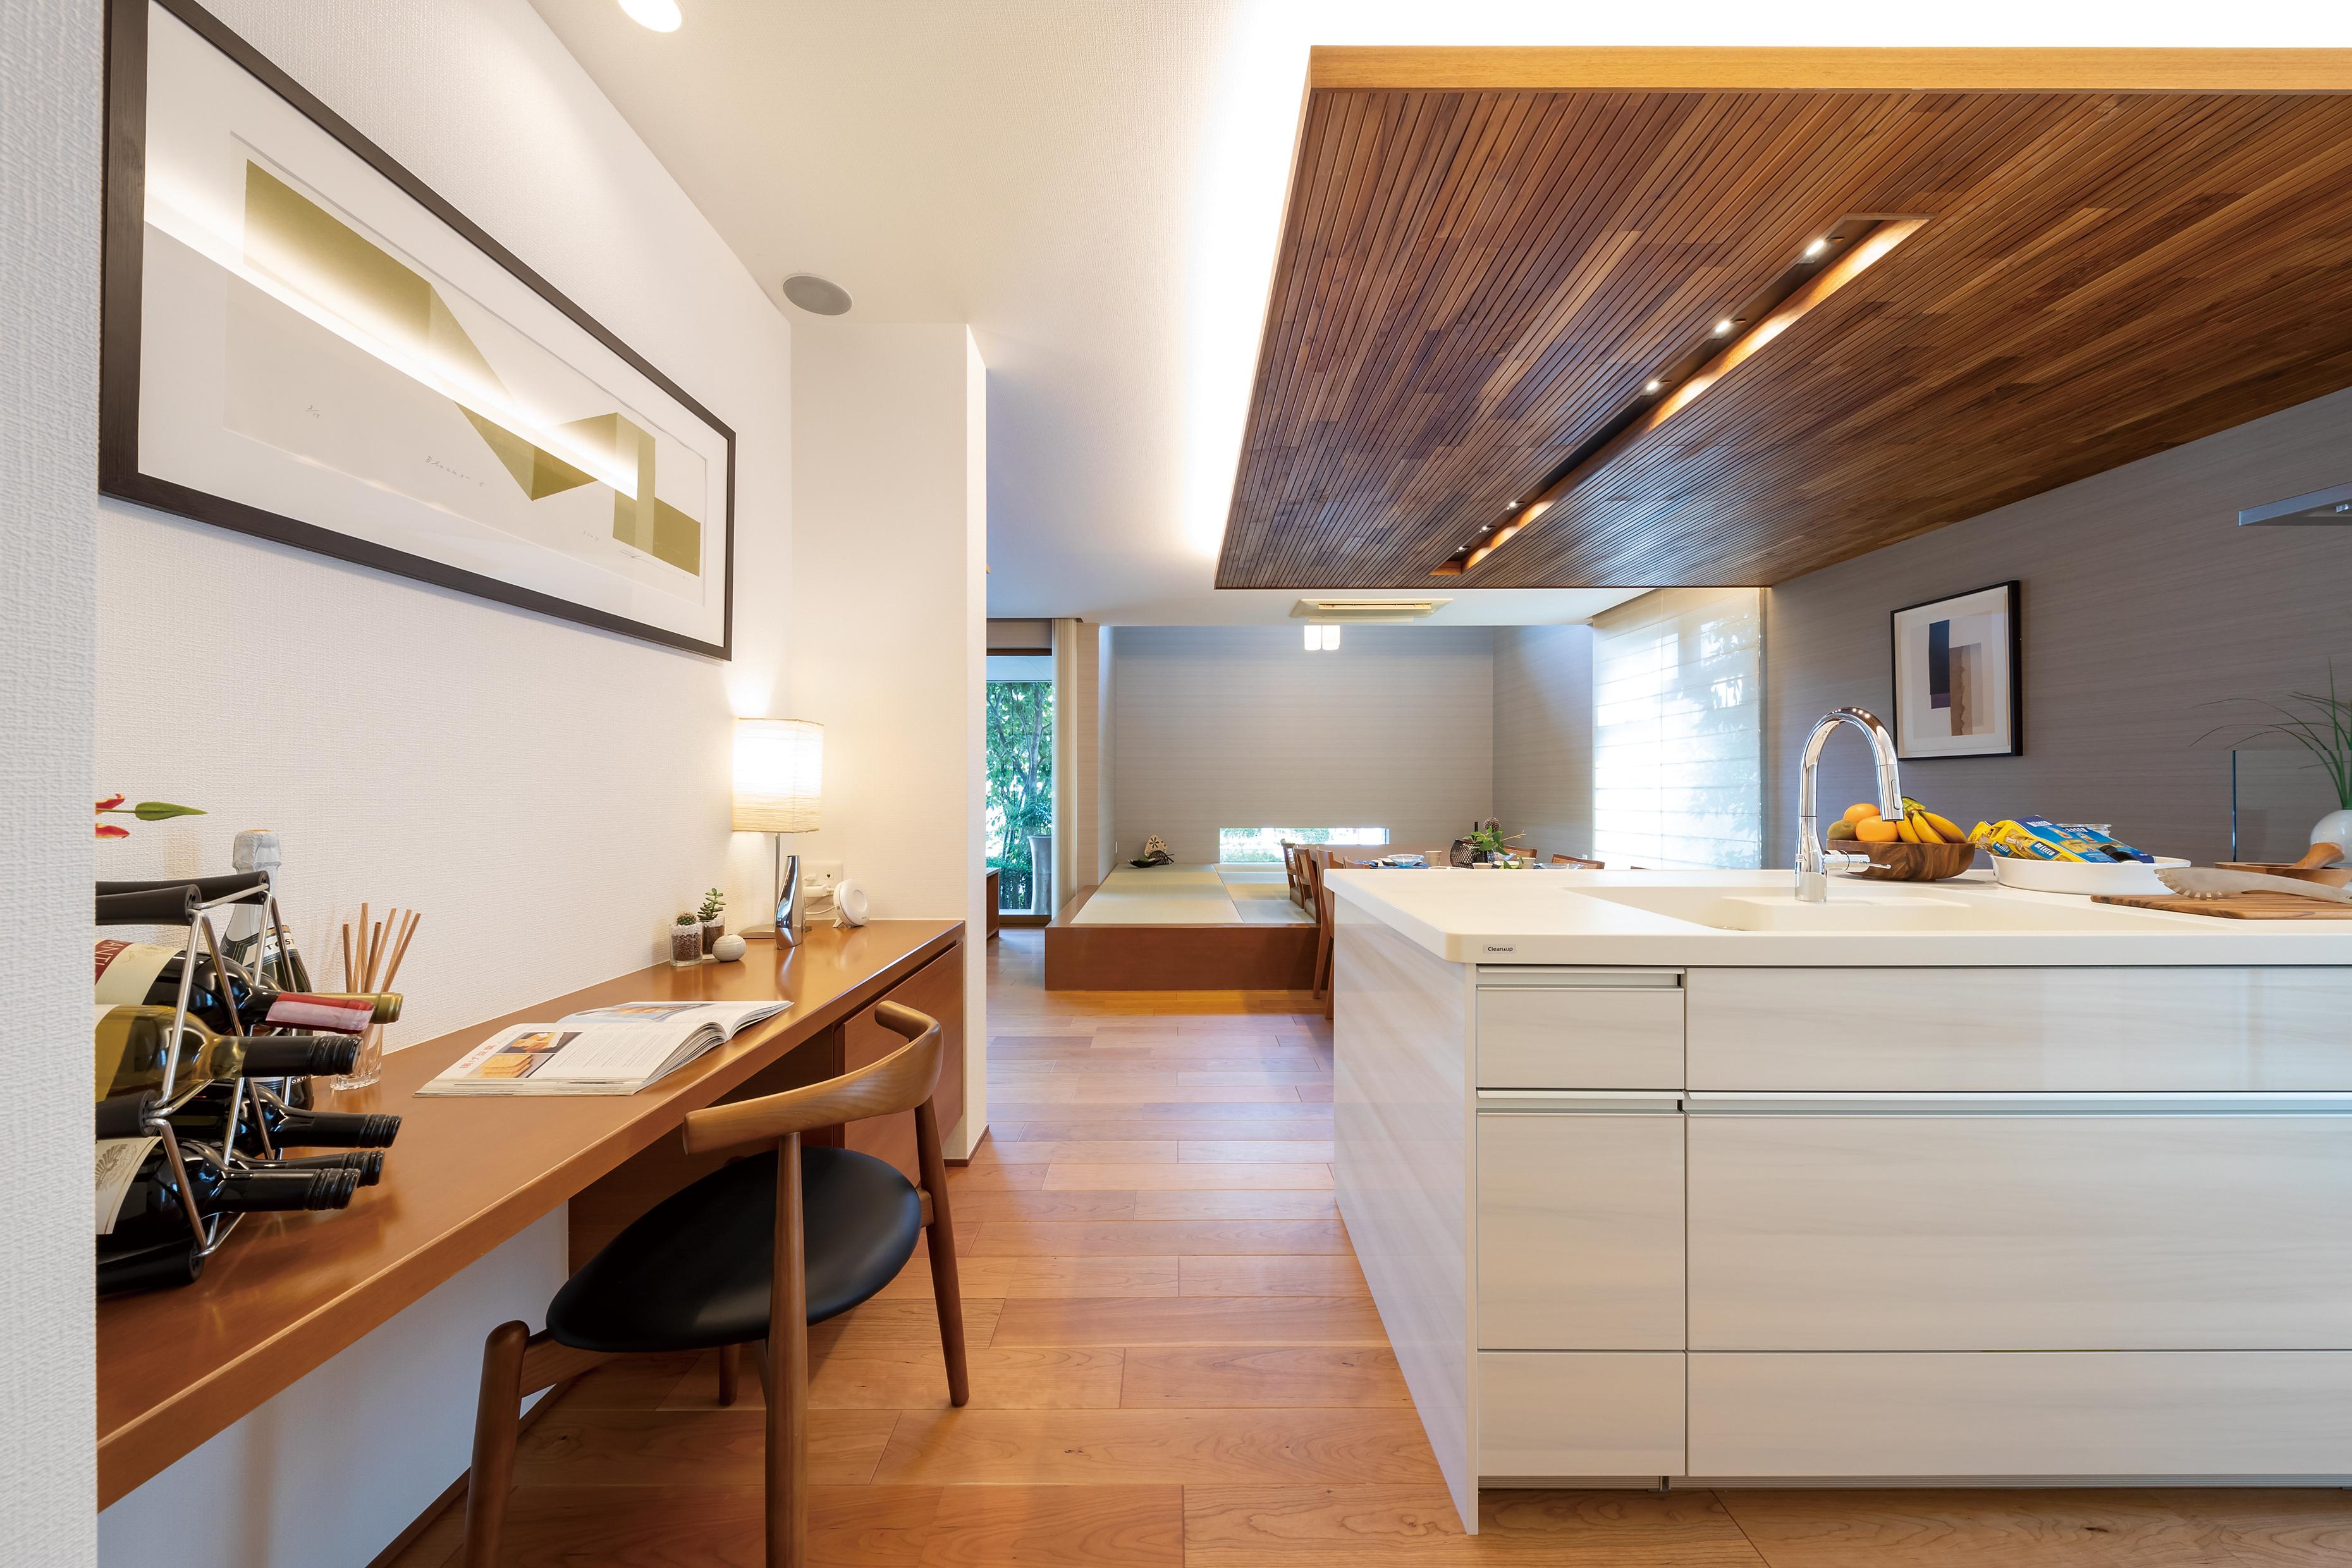 キッチン横にはデスクコーナーを設け、リモートワークにも対応。お子さんの勉強スペースや、家事スペースにも使えます。